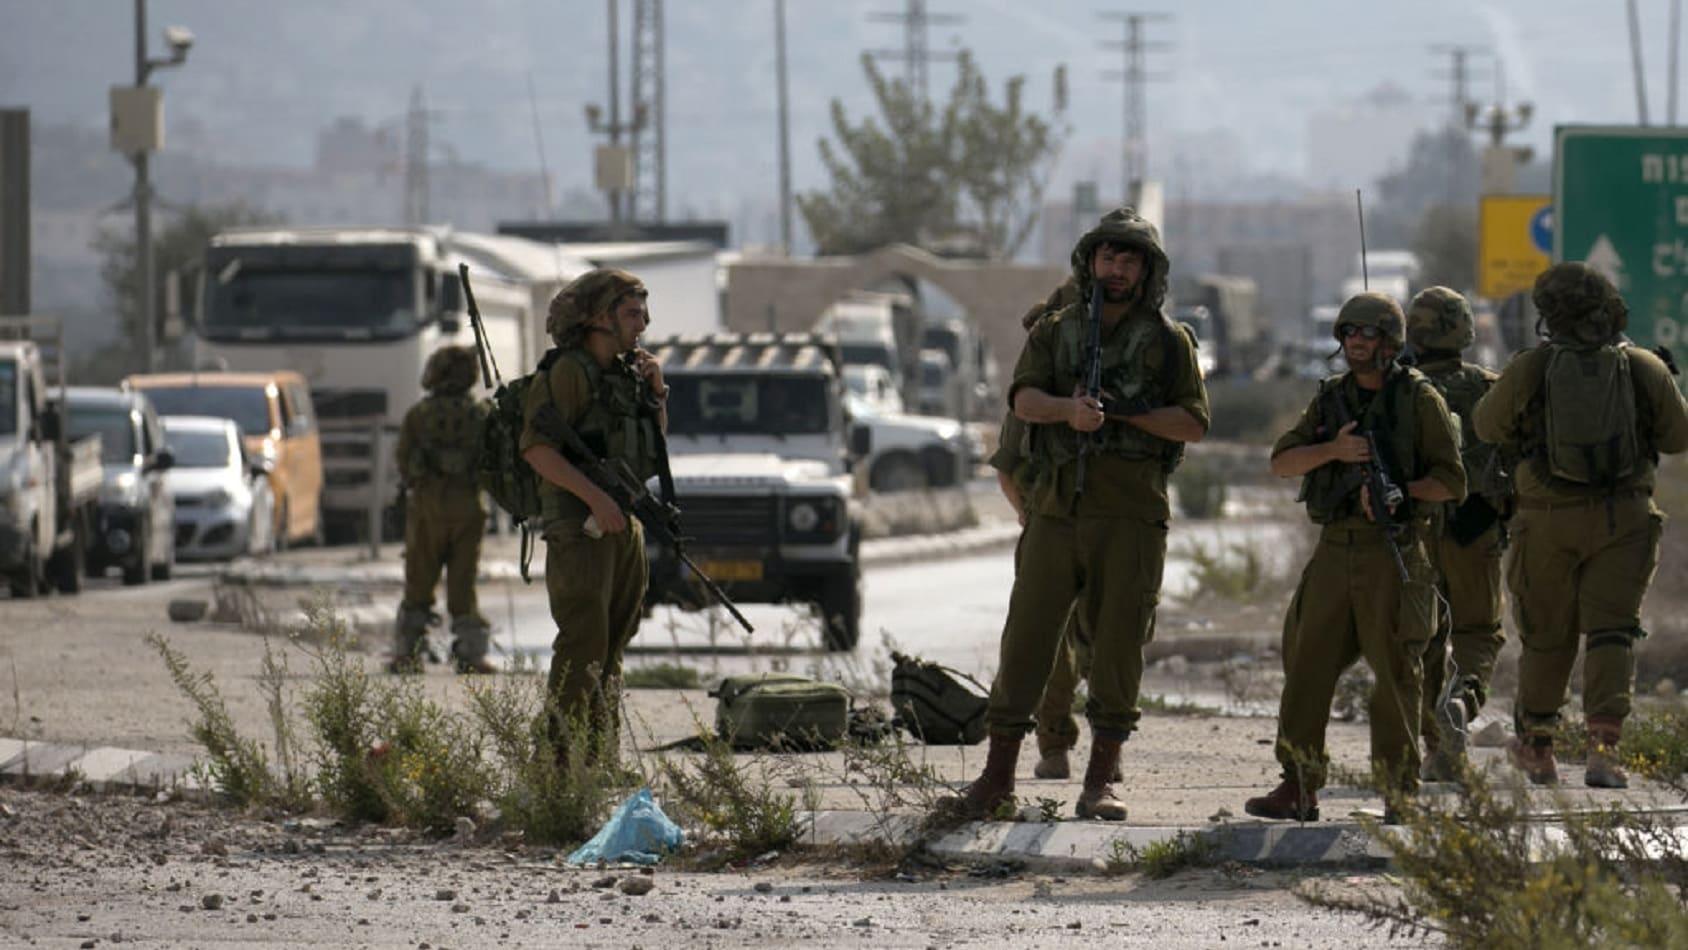 غارات إسرائيلية على غزة رداً على وابل من الصواريخ